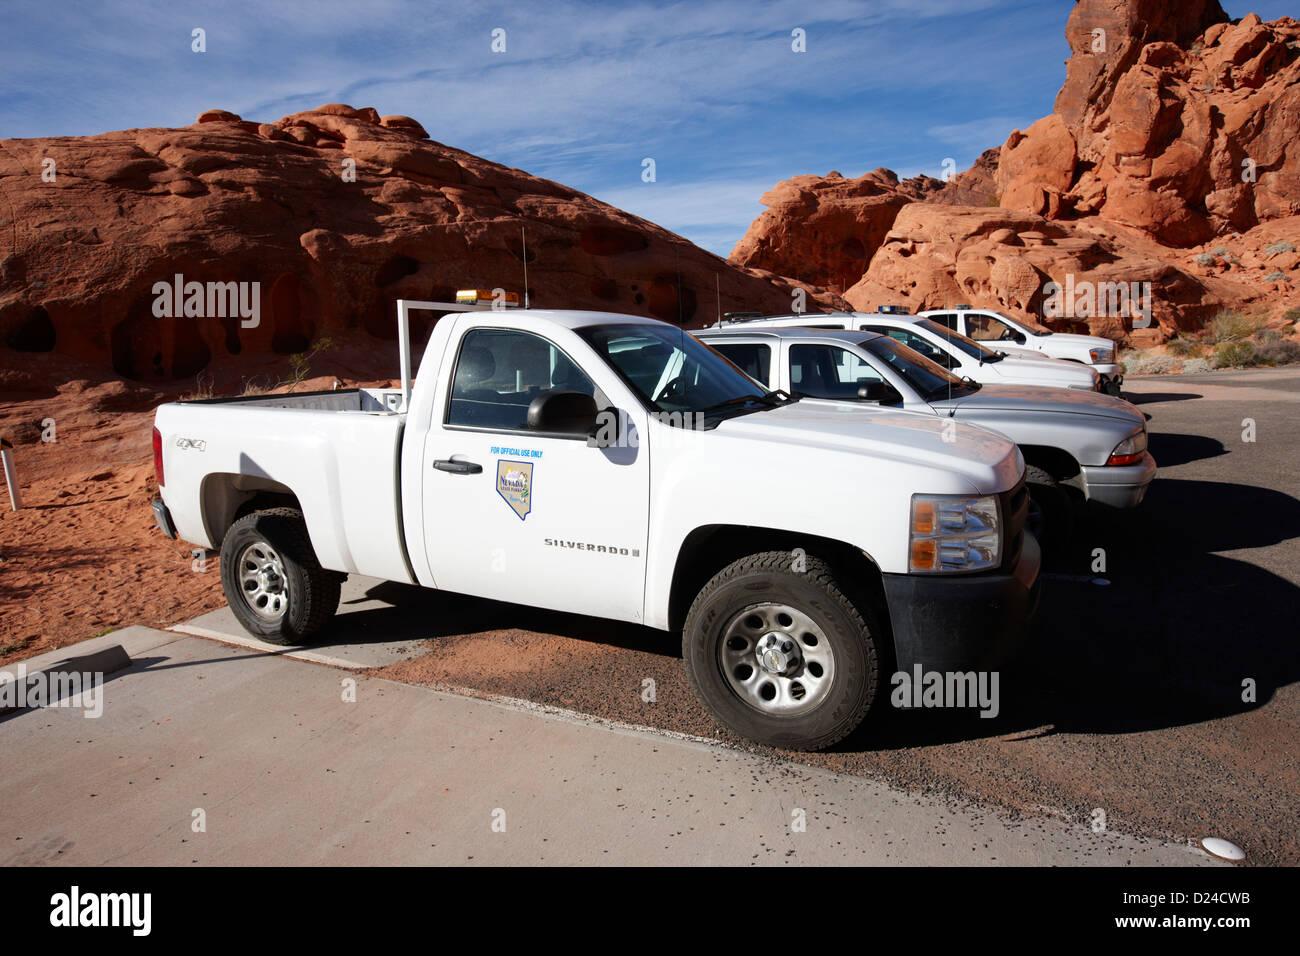 State Park ranger véhicules dans le parc national de la vallée de feu nevada usa Photo Stock